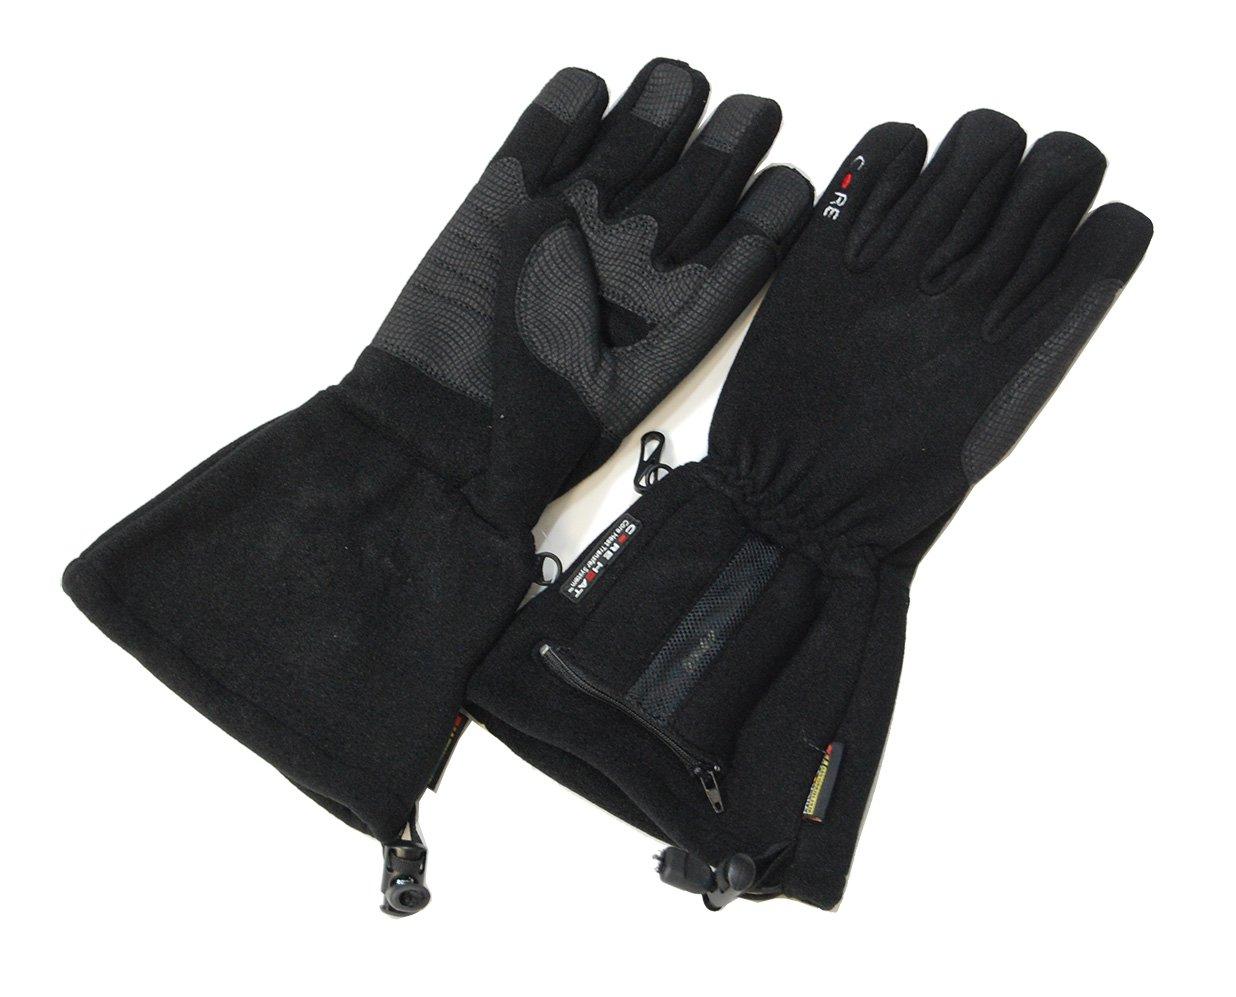 Gerbing's Mens Heated Fleece Gloves